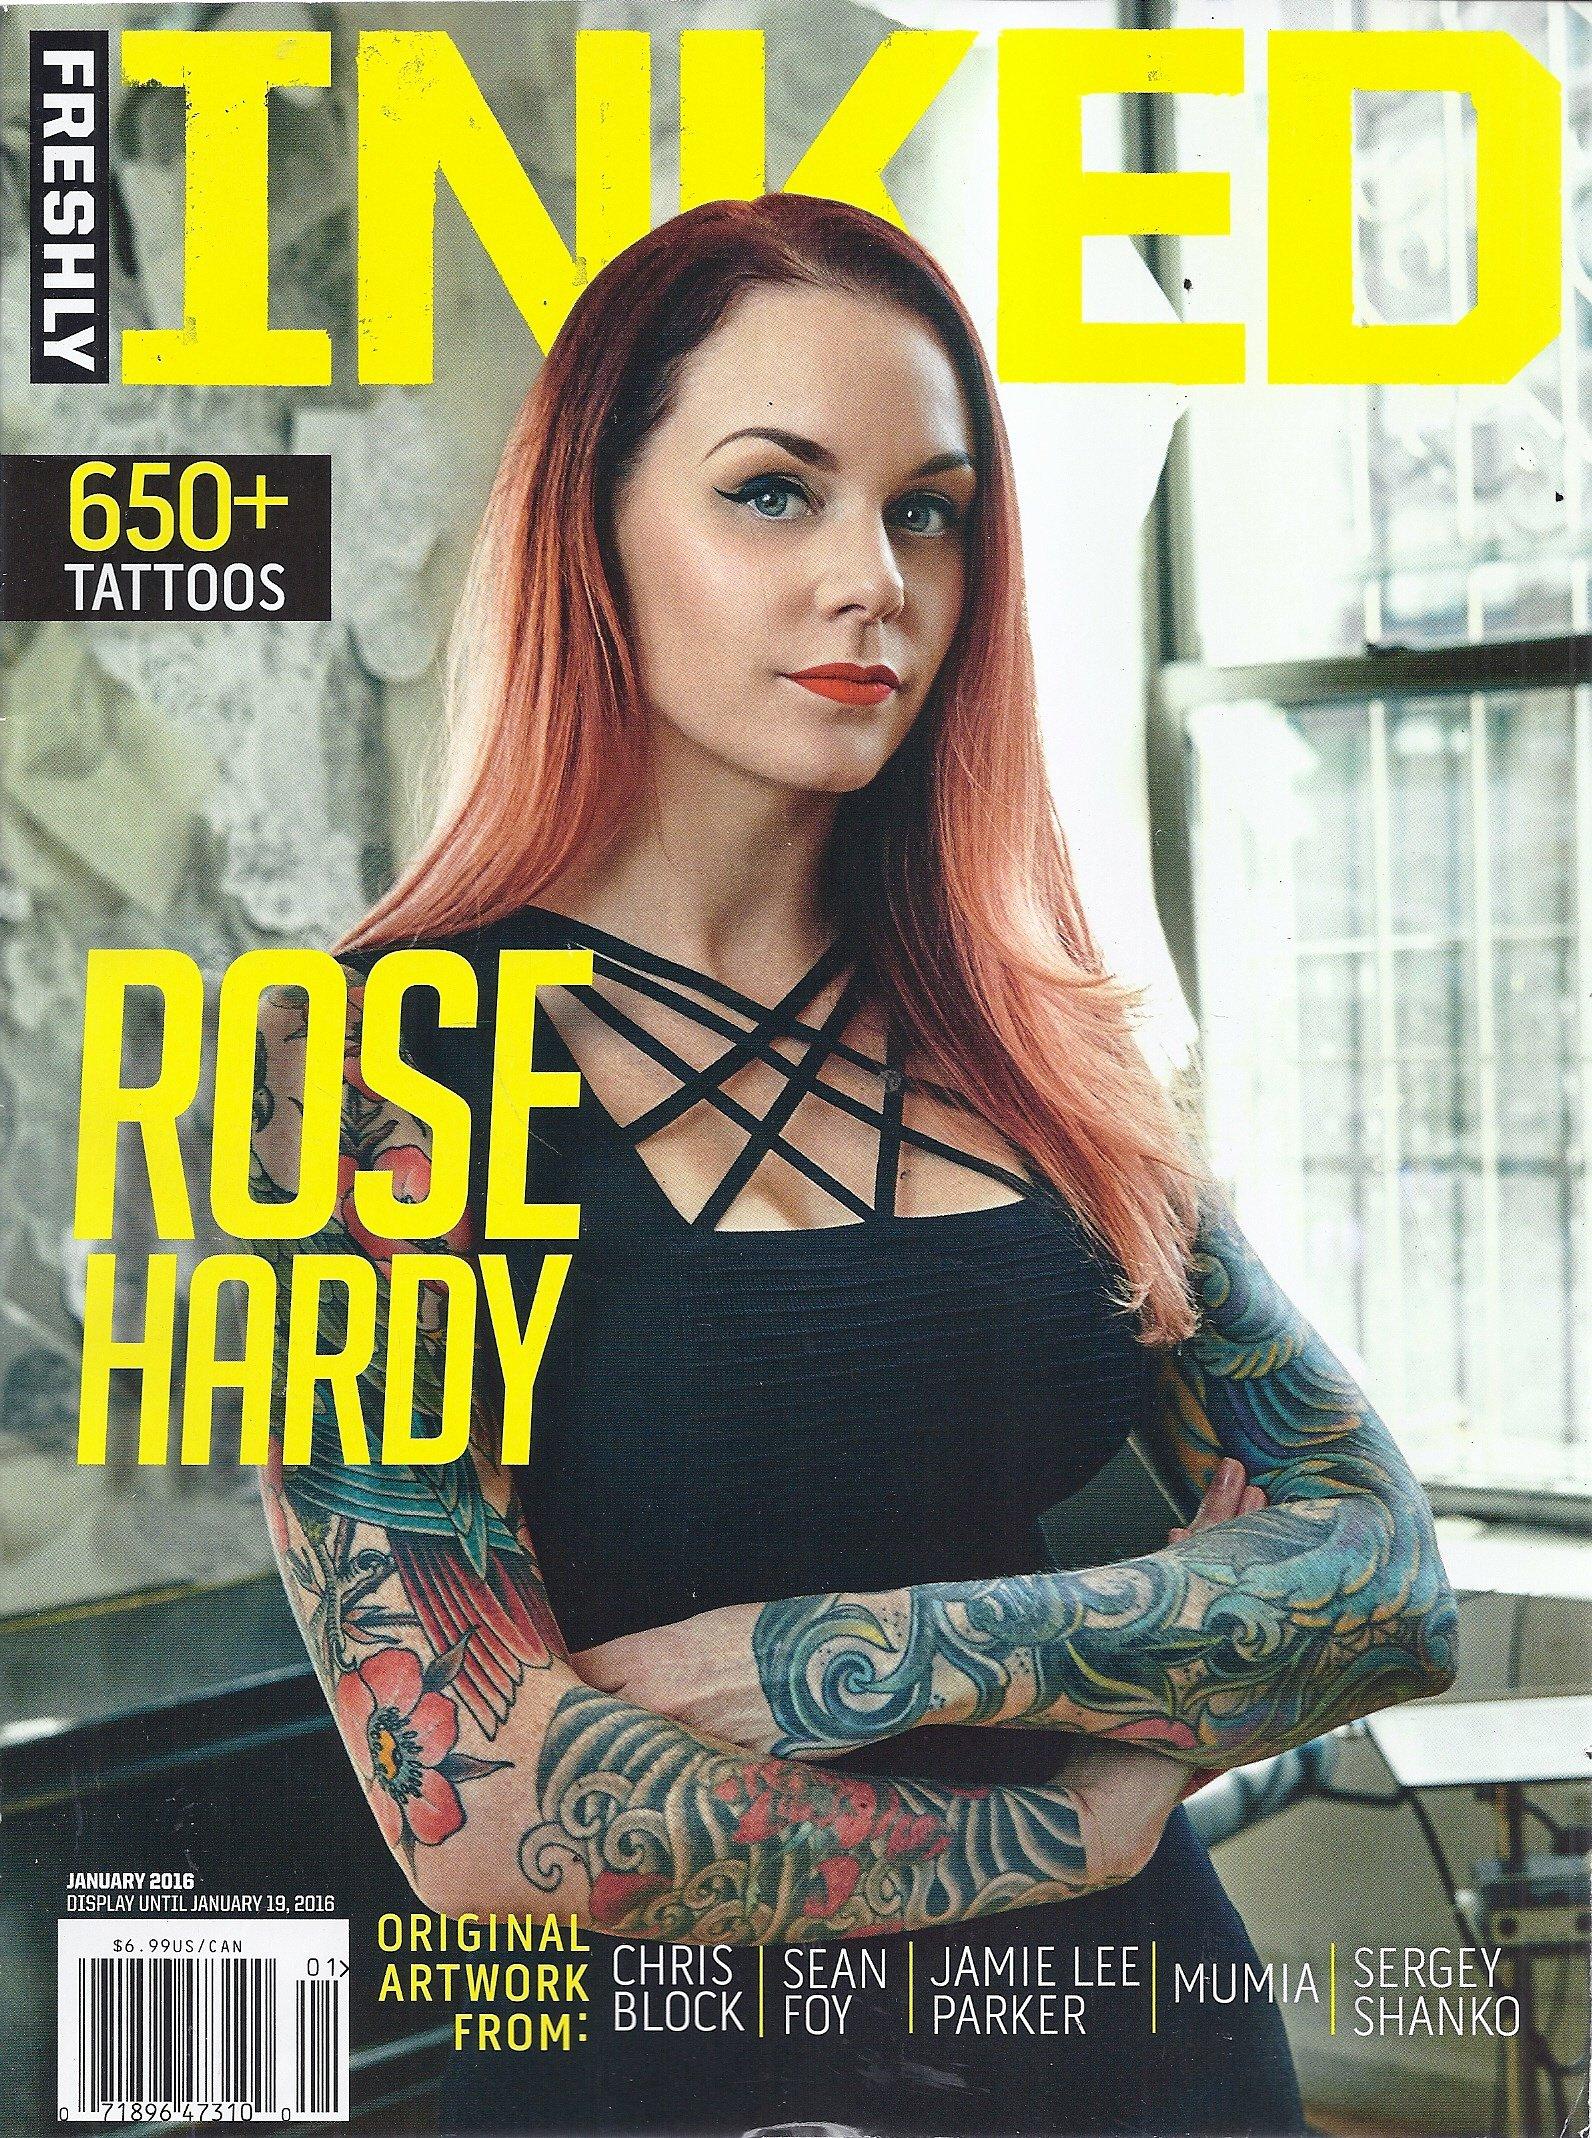 Freshly Inked Magazine (January 2016 - Cover: Rose Hardy): V: Amazon ...